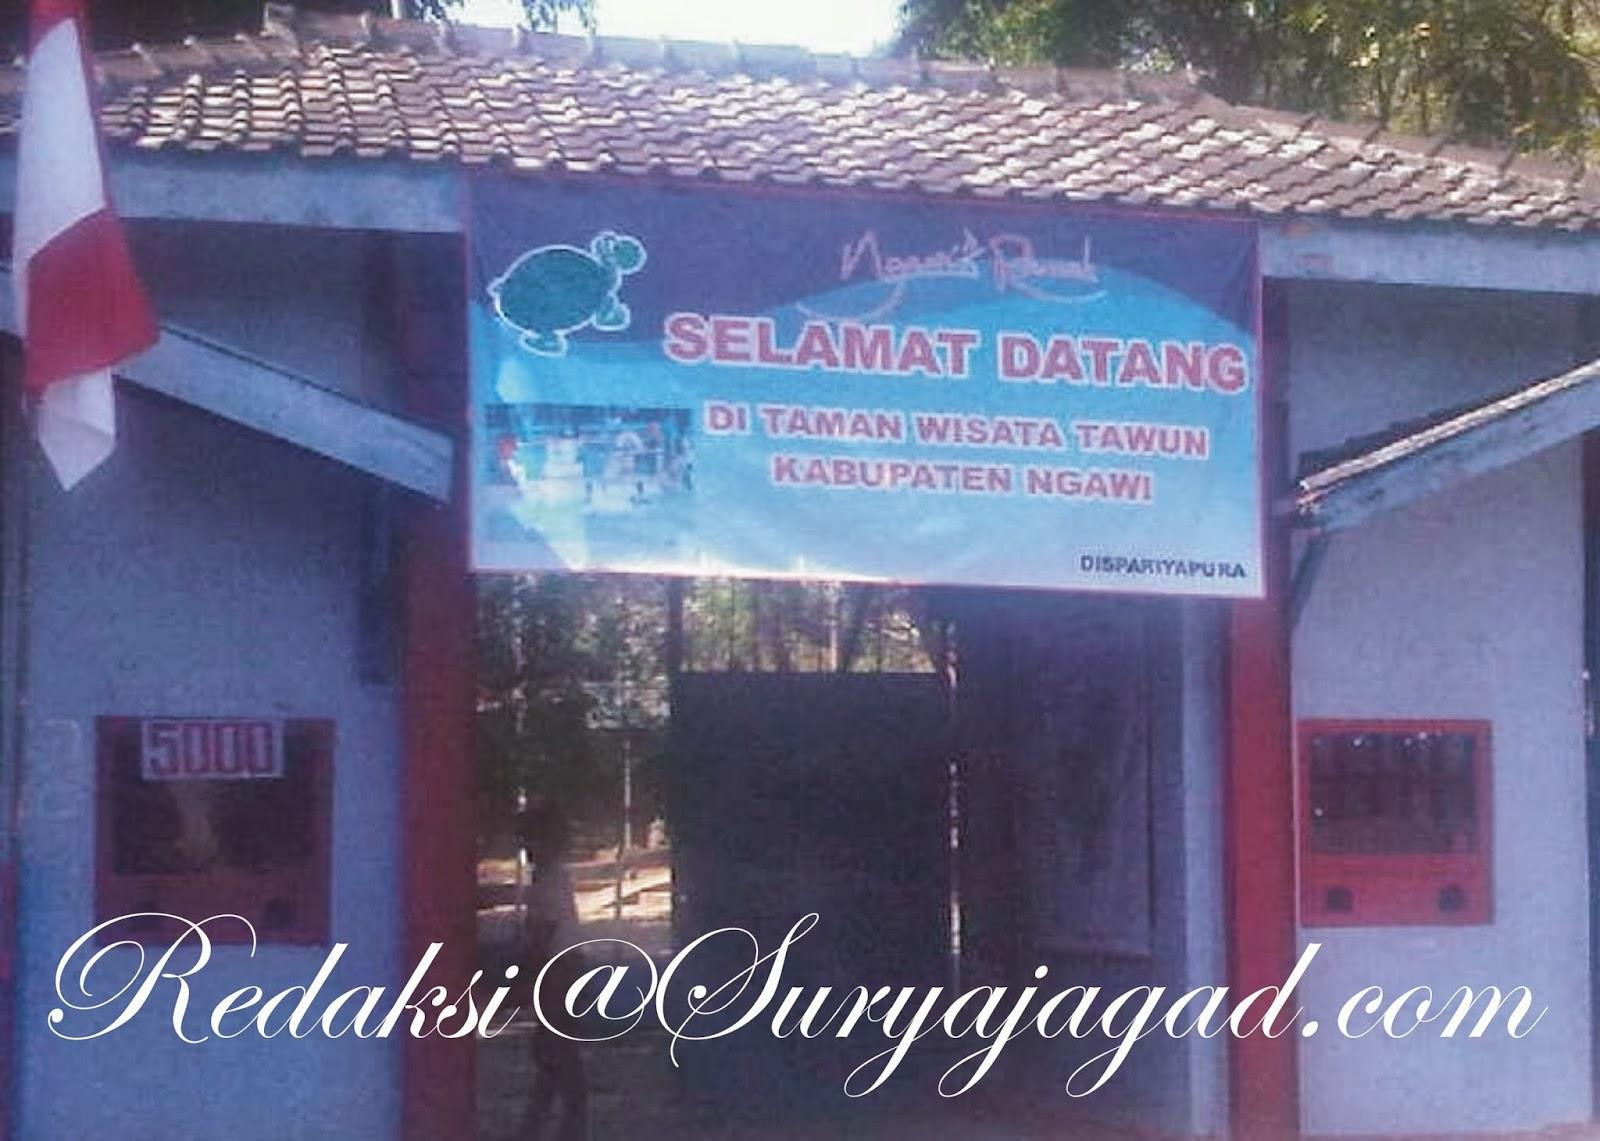 Taman Wisata Tawun Saatnya Rehab Total Byaz Surya Djagad Ngawi